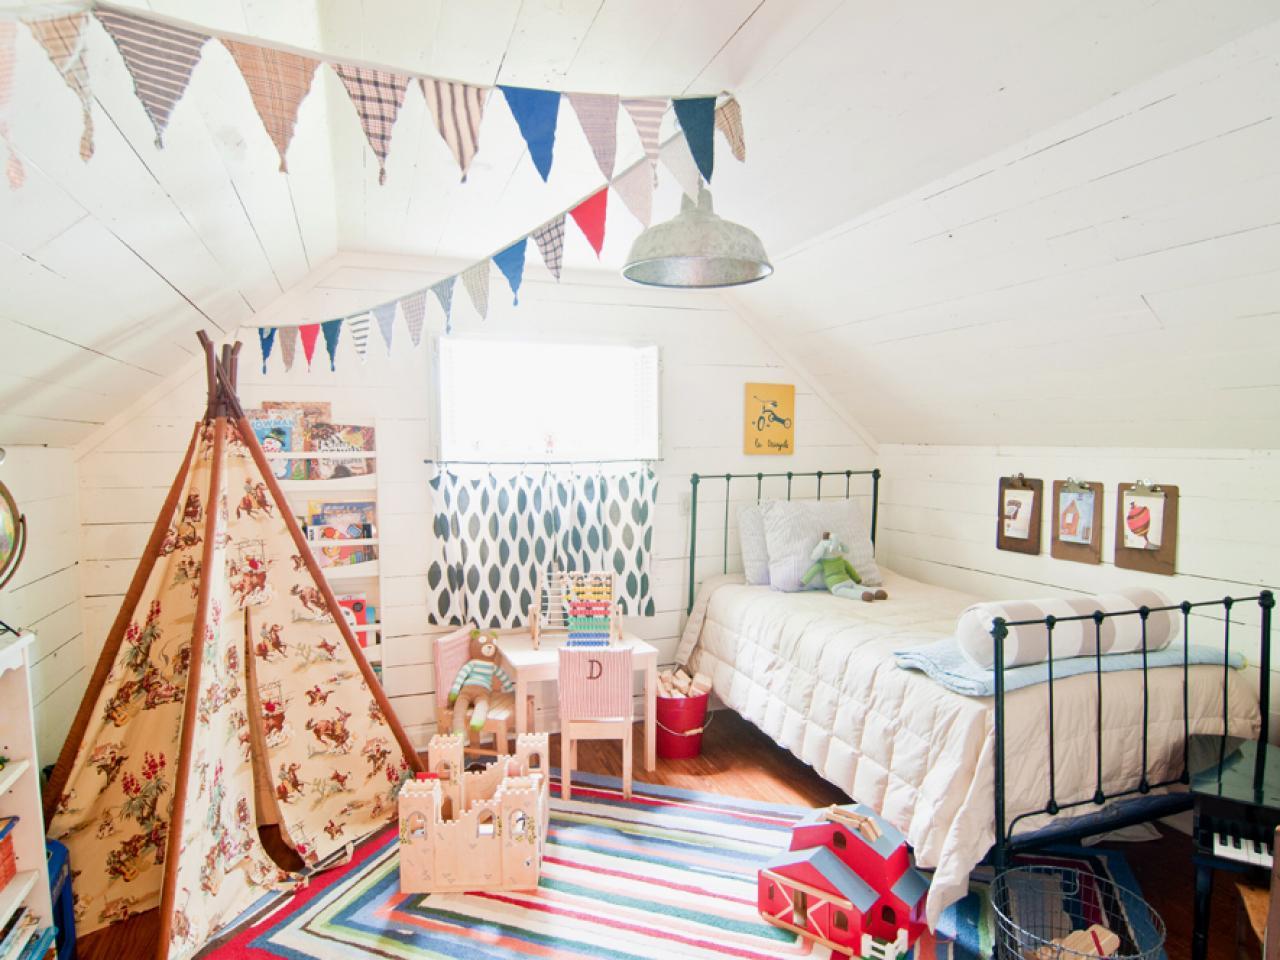 Где должна стоять детская кроватка в комнате. В помощь маме: где лучше поставить кроватку для новорожденного и как ее правильно застелить